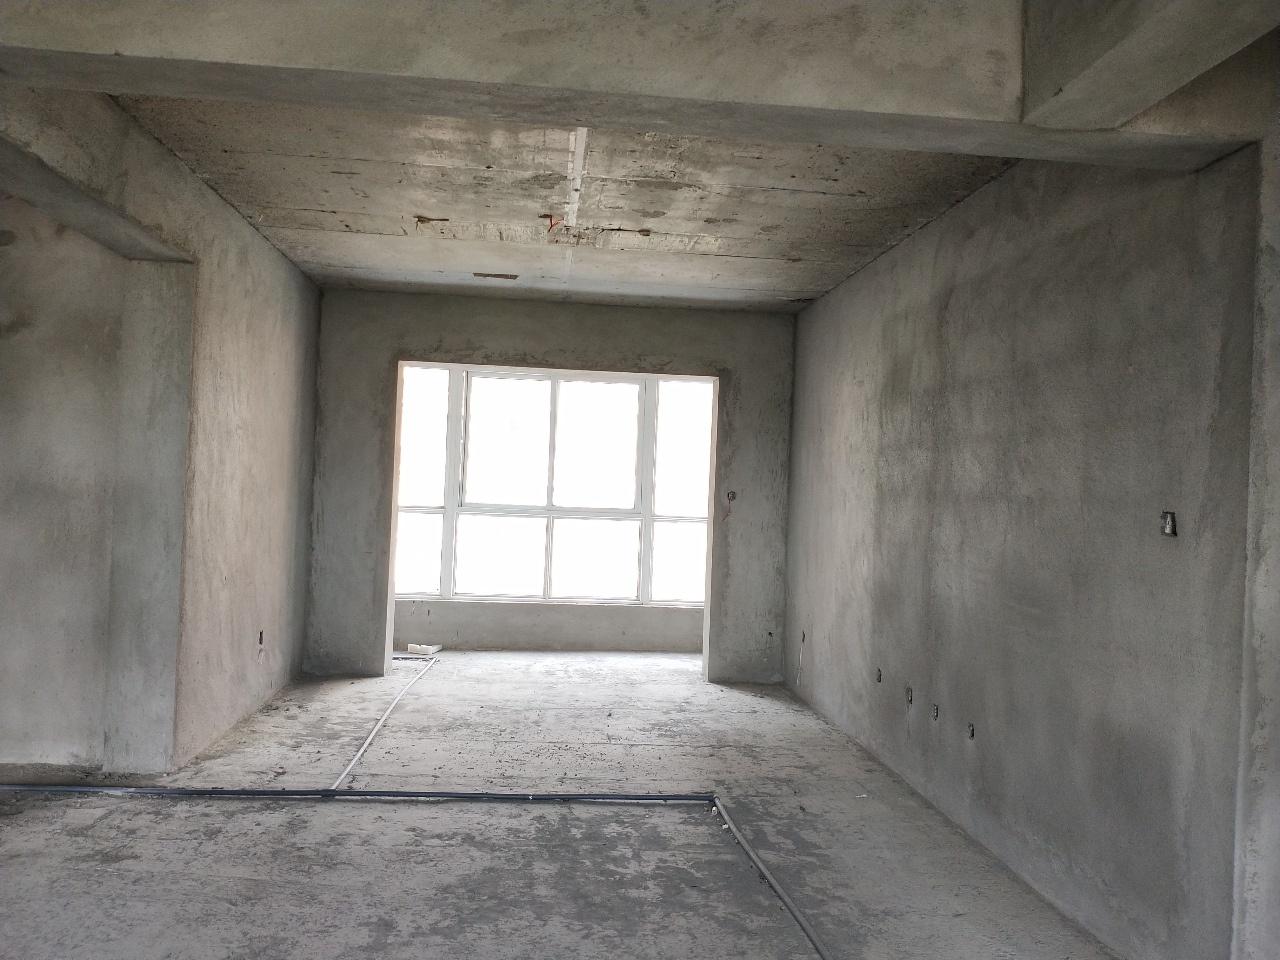 枫丹丽舍3室2厅2卫66万元可按揭